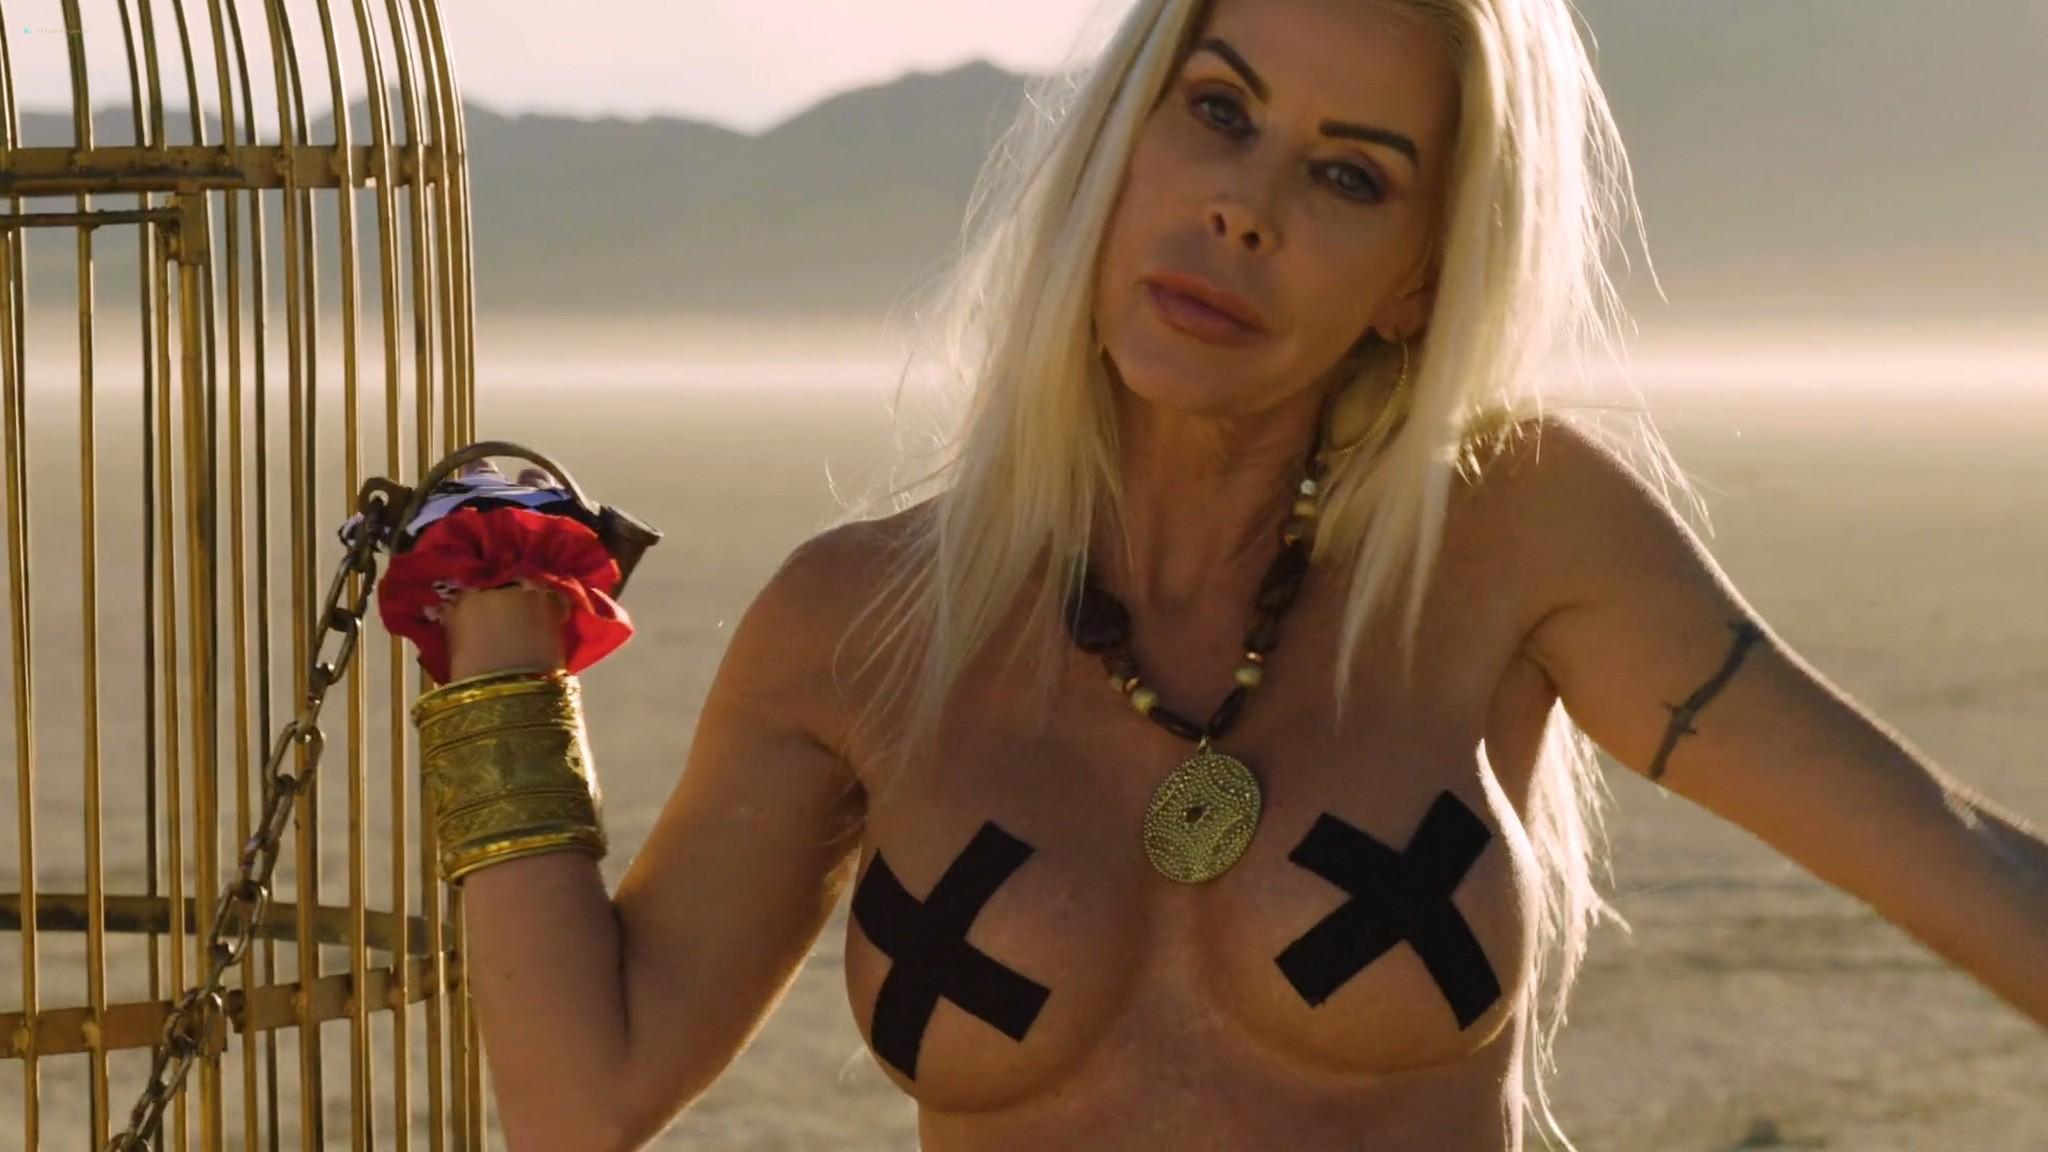 Dana Wolf nude Tabitha Stevens Devhorra Dark nude full frontal Die Influencers Die 2020 HD 1080p 002